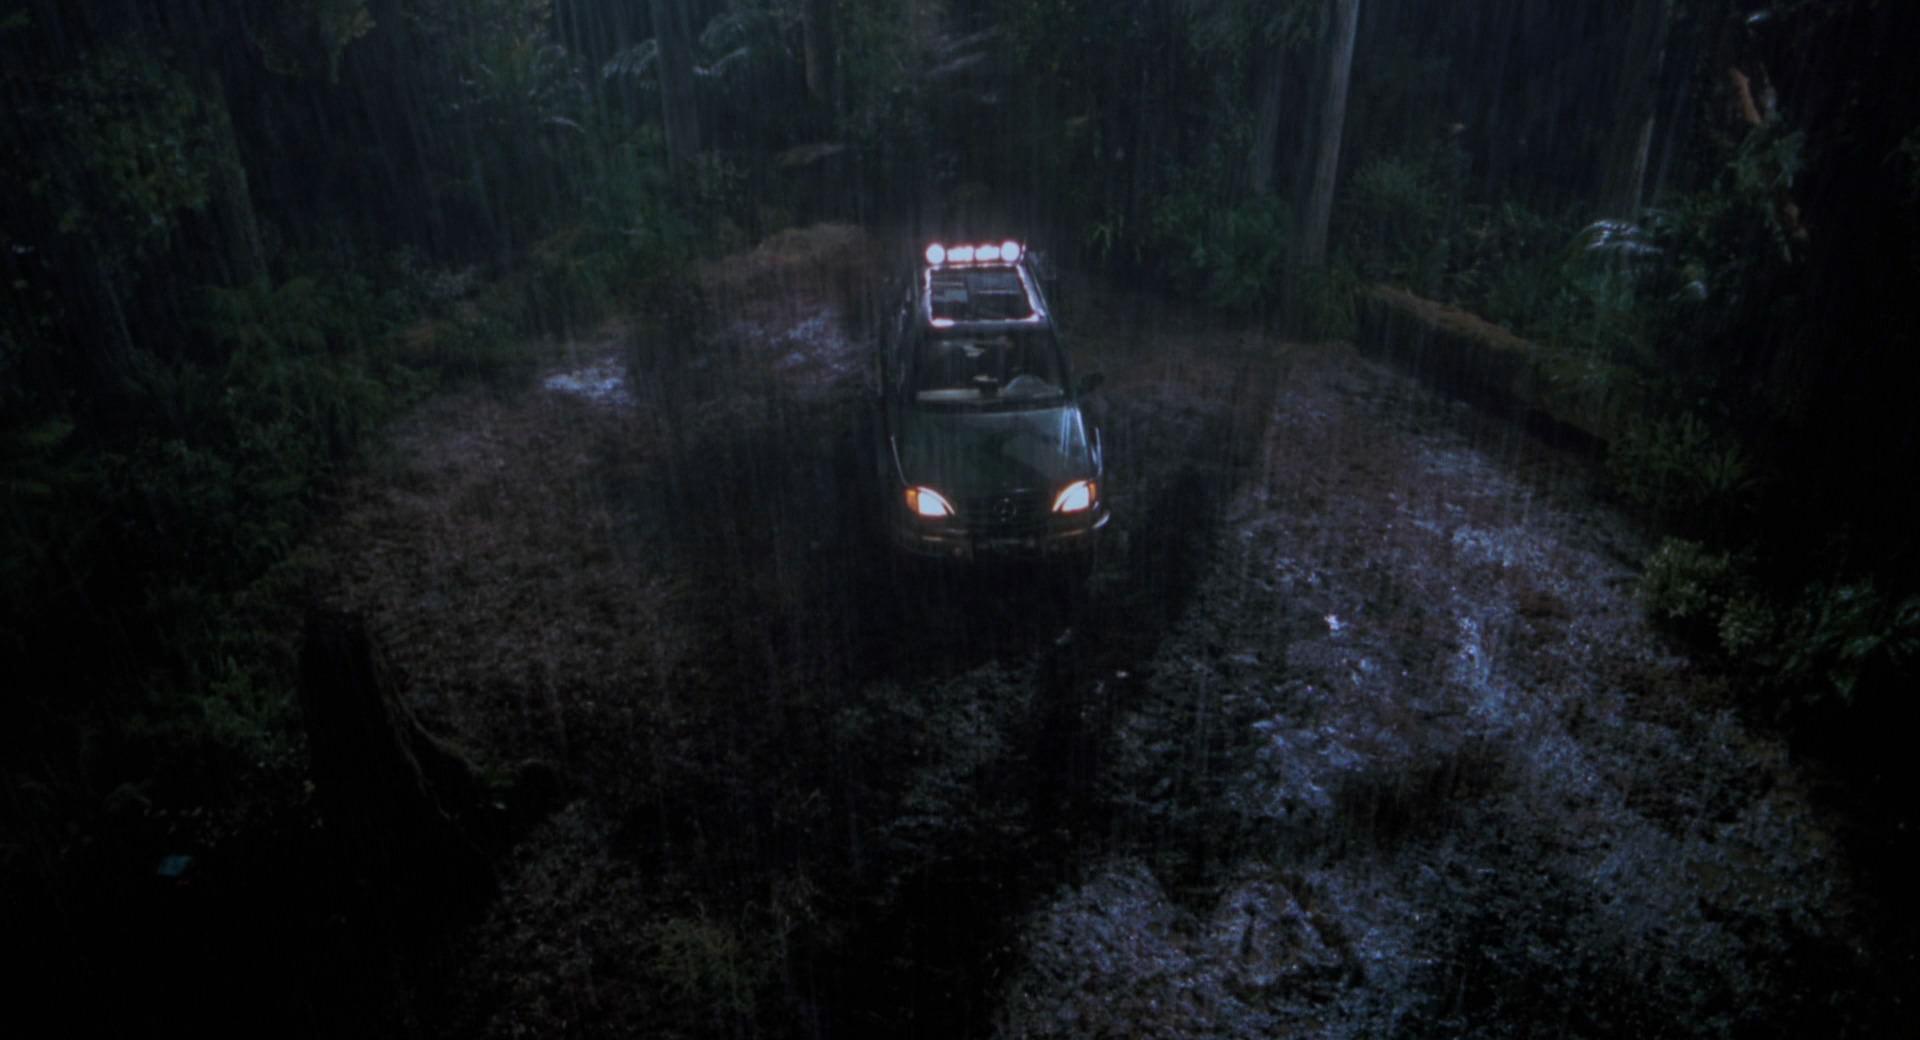 The Lost World Jurassic Park Screencaps are here Jurassic-lost-world-movie-screencaps.com-7087